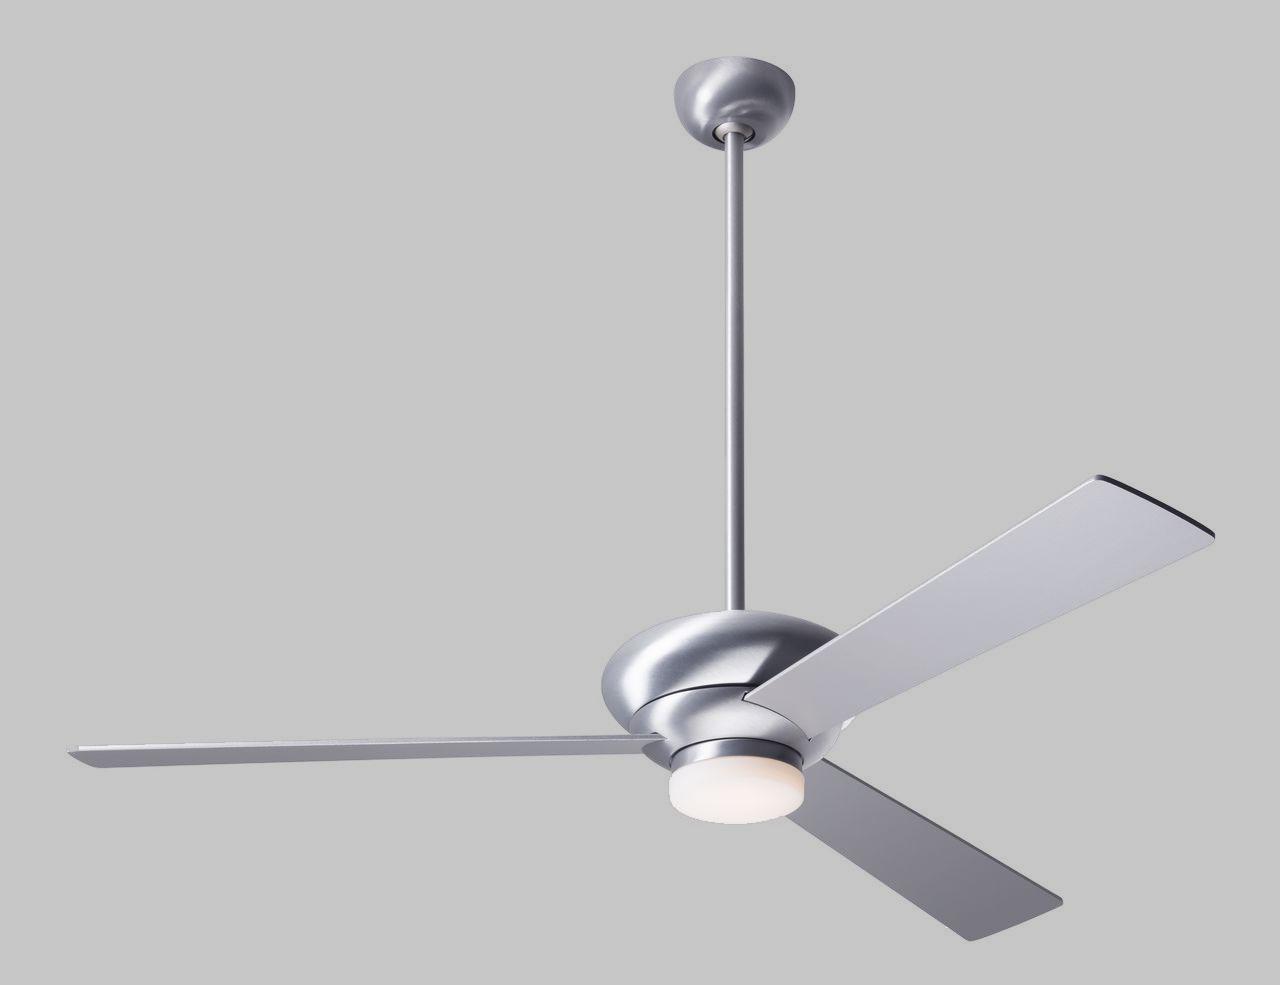 Ventilador de techo de diseño - Ventilador de techo Altus - Aluminio cepillado y aspas aluminio con luz